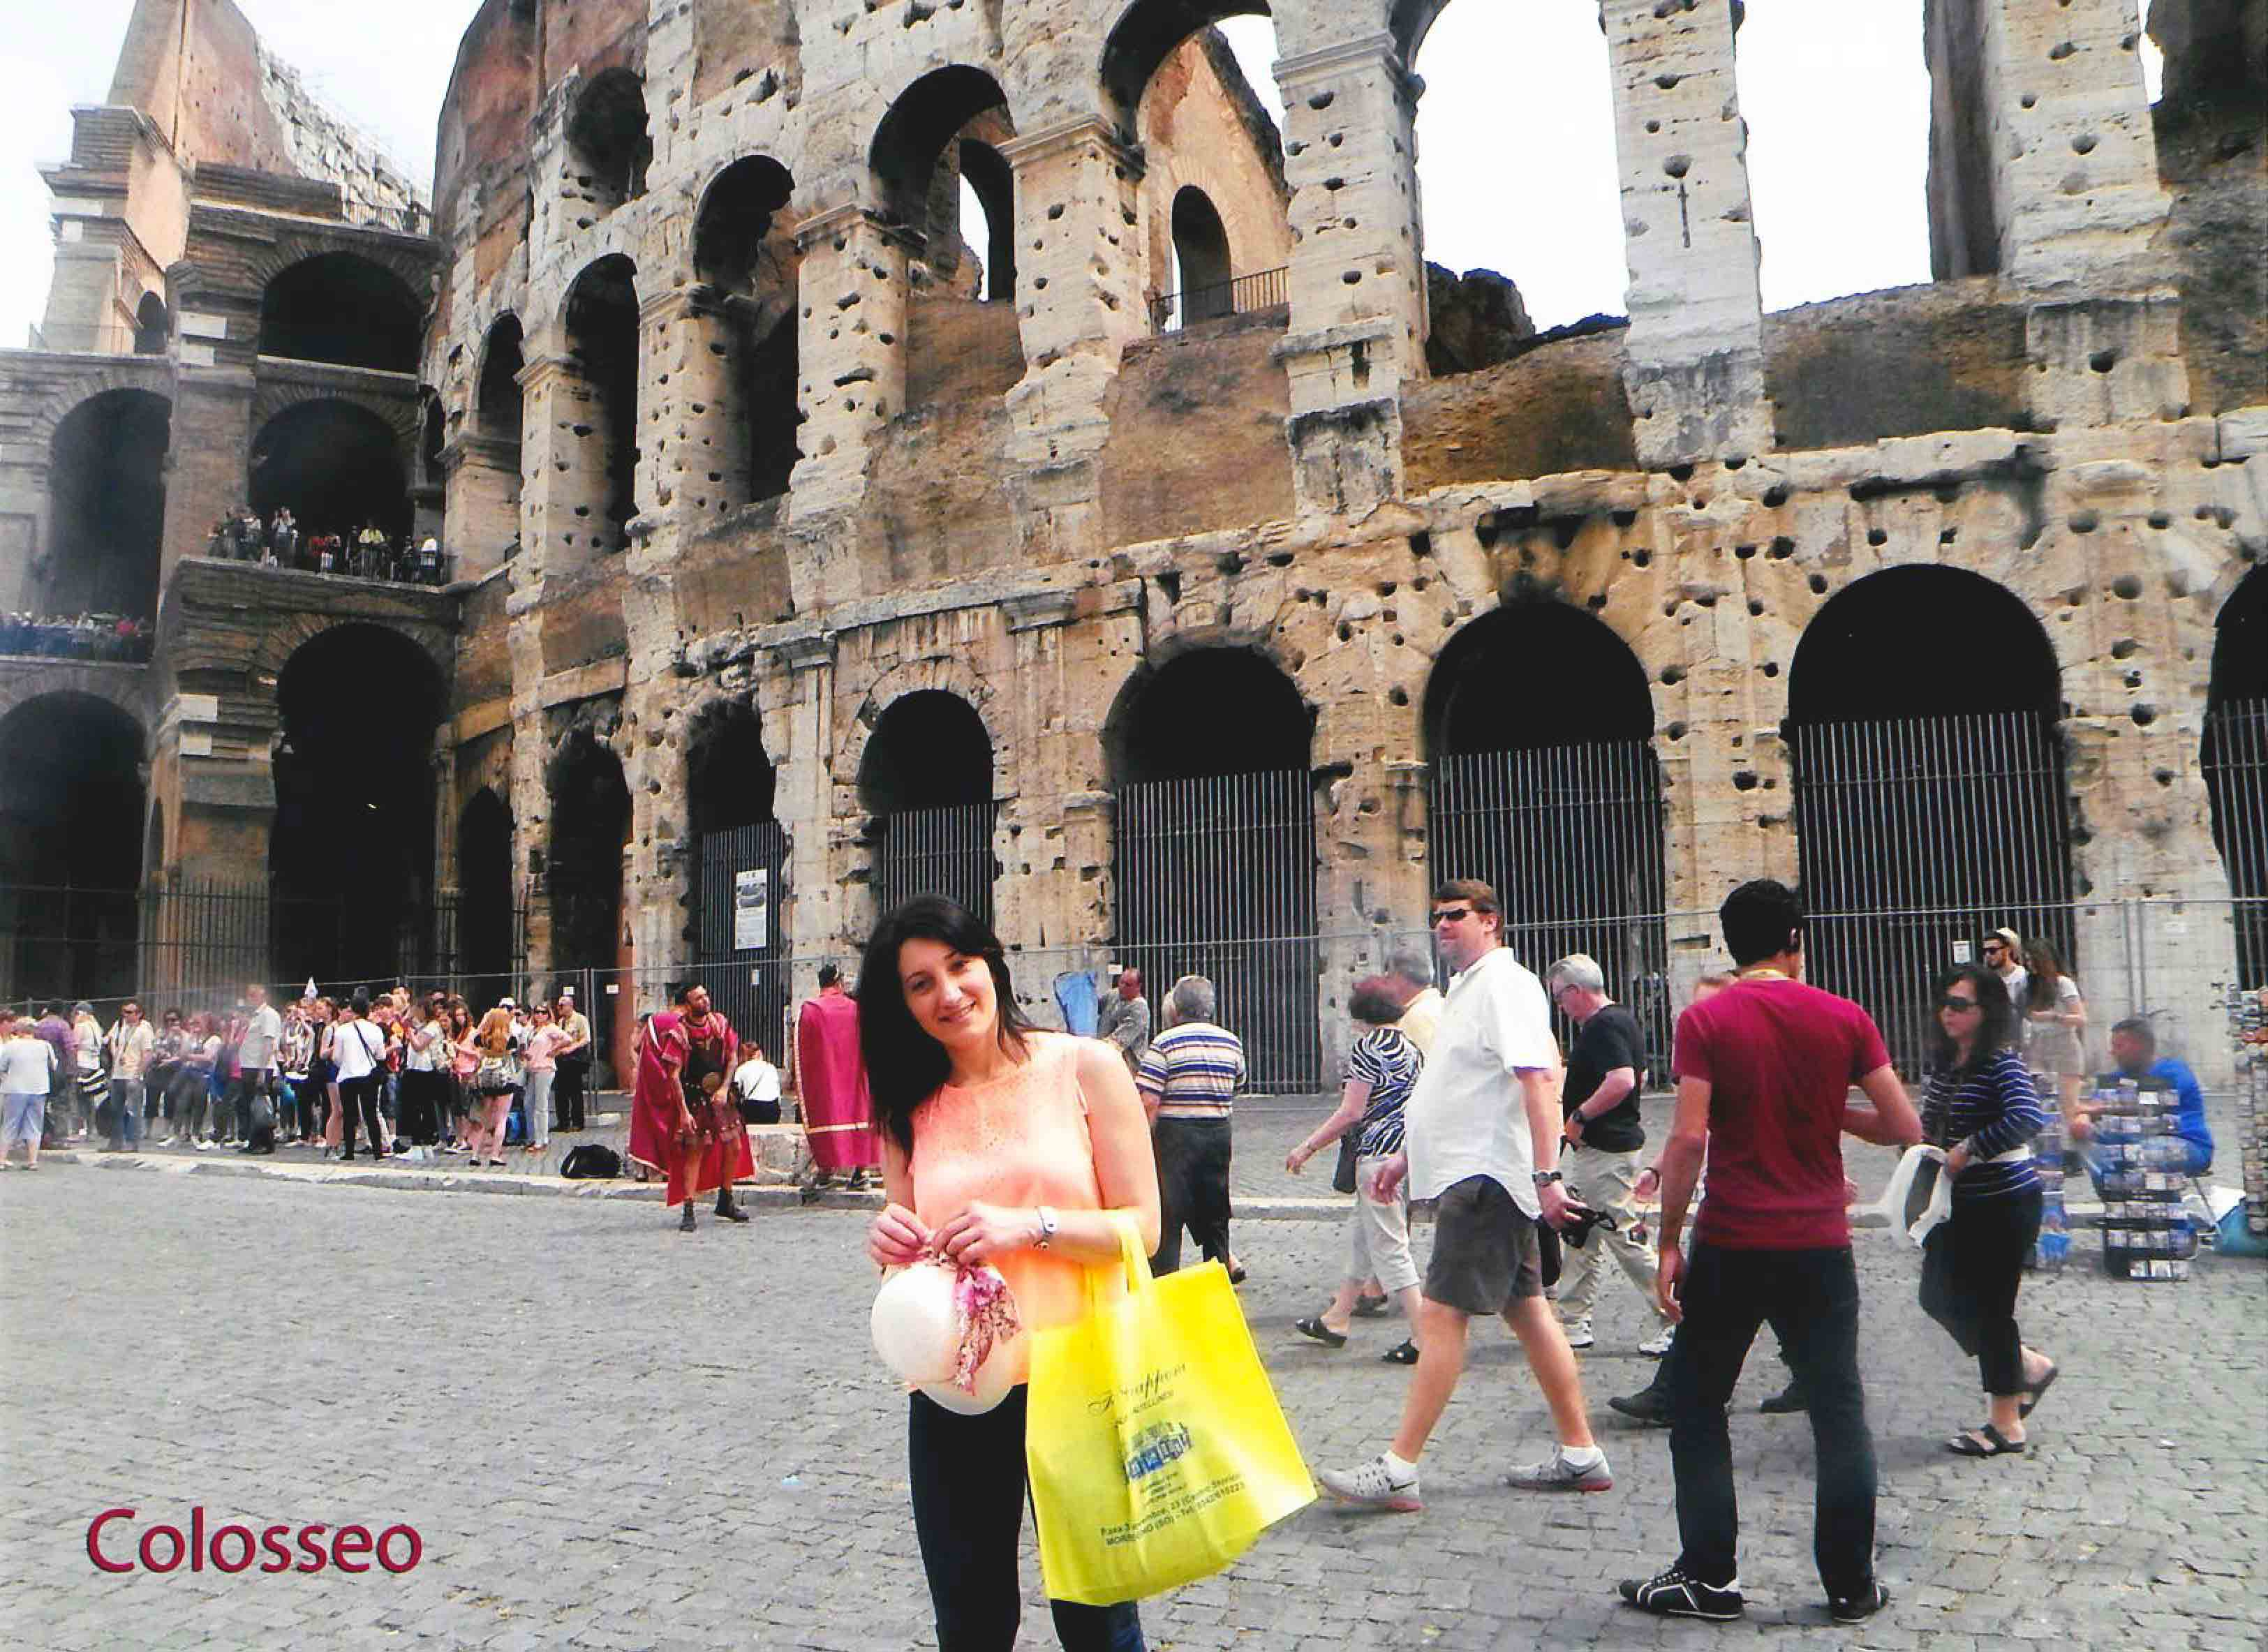 italia_roma_colosseo